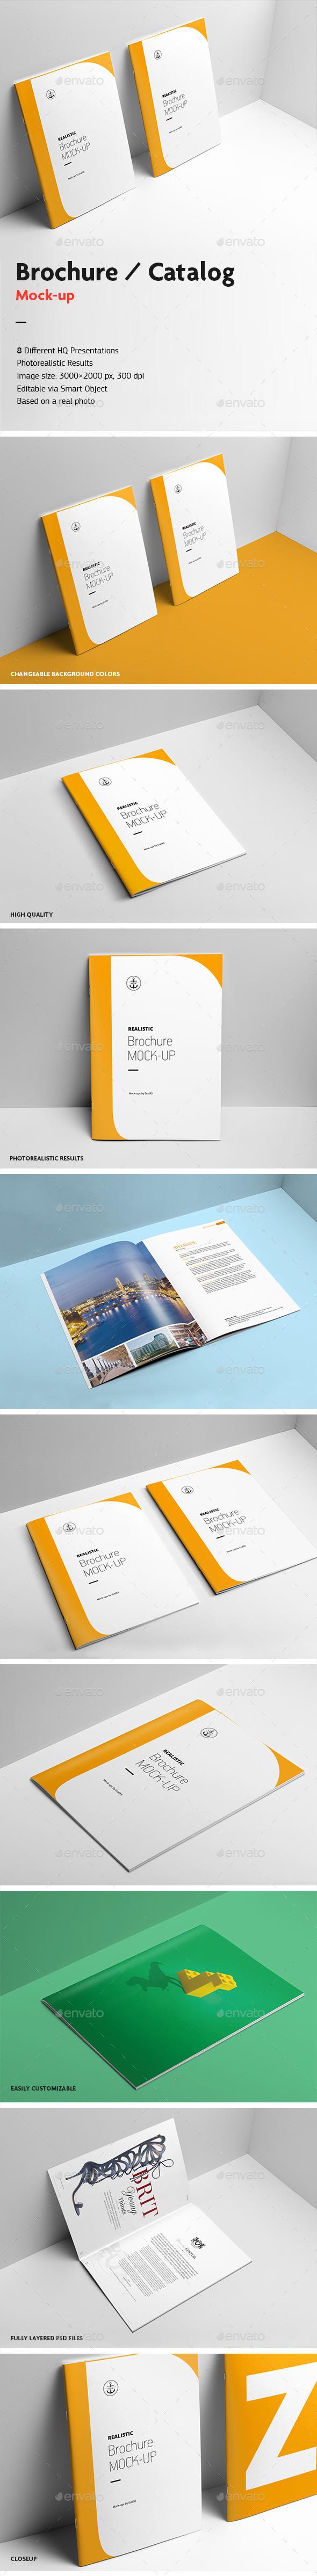 GraphicRiver Brochure Catalog Mock-Up v.2 10364277